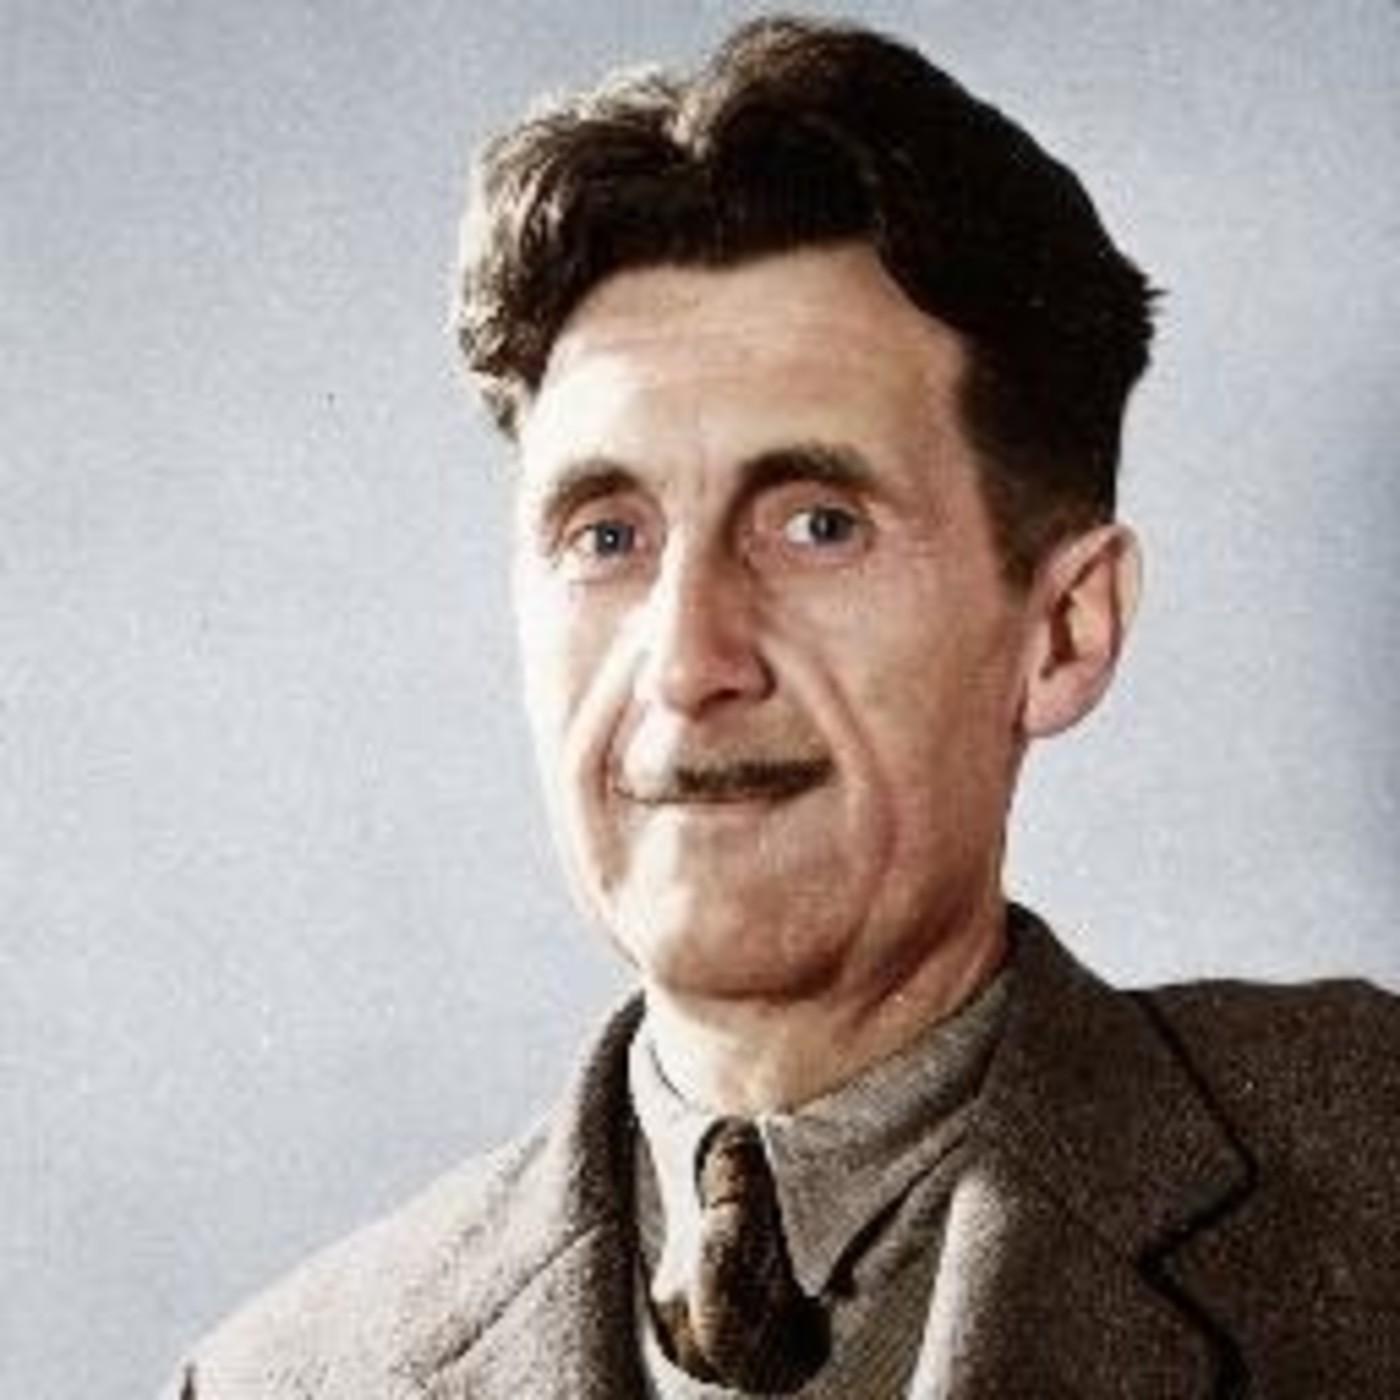 Verne y Wells ciencia ficción: 1984, de George Orwell, I parte